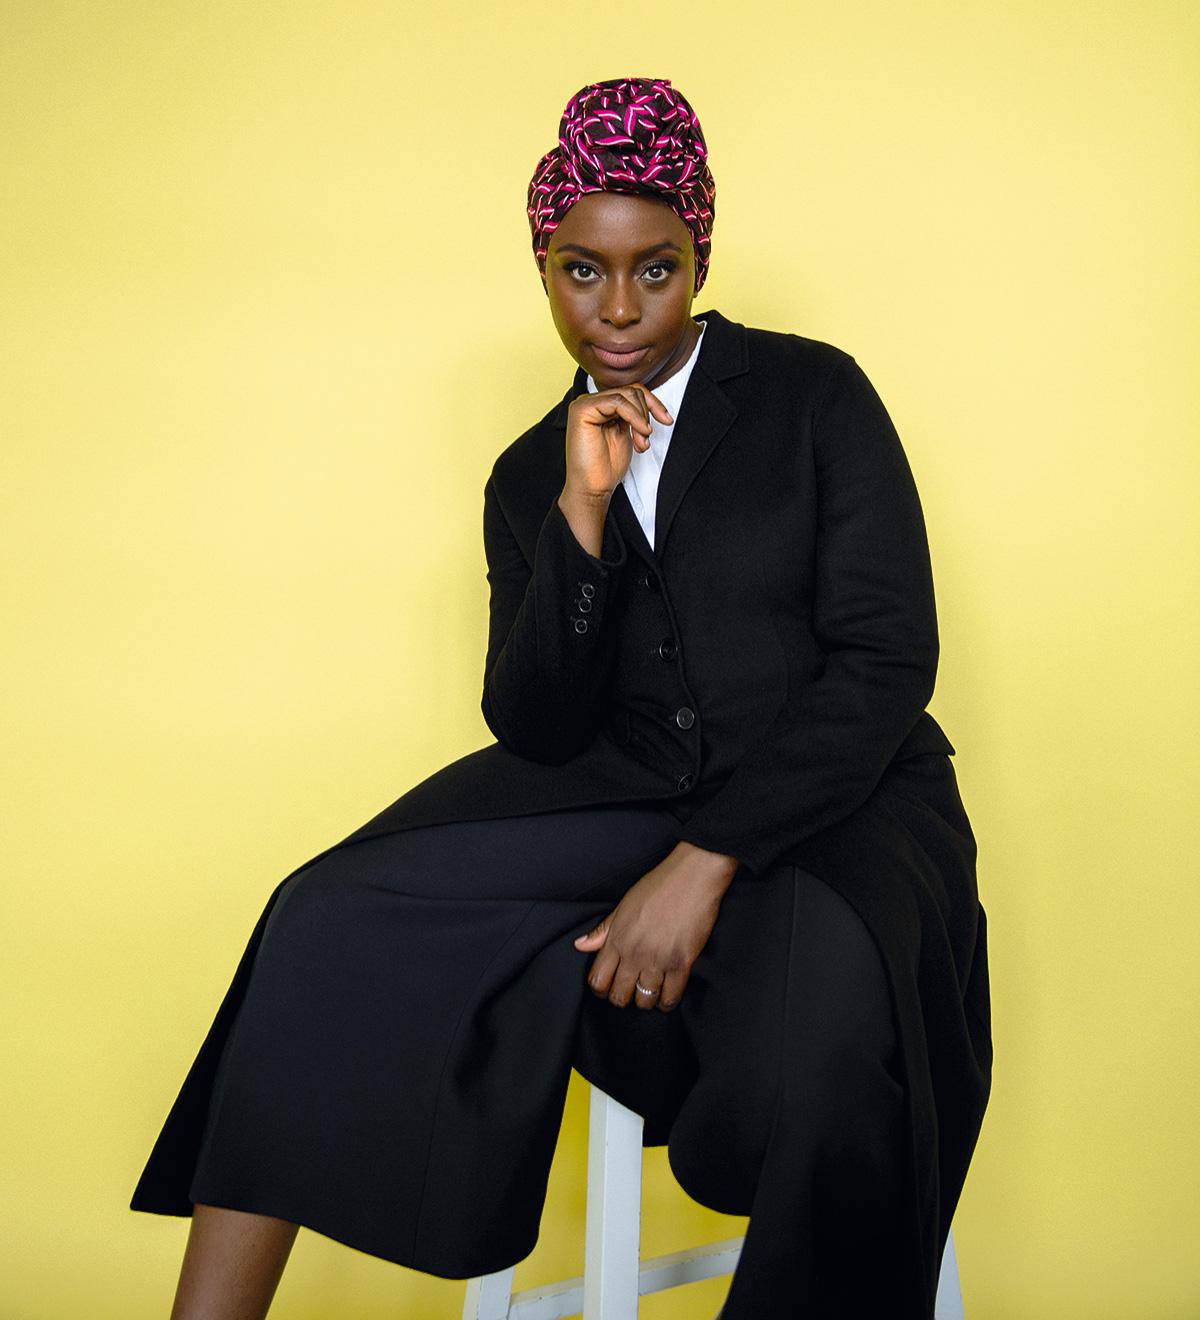 Chimamanda Ngozi Adichie teve uma criação católica e quando criança amava a Igreja. Adorava ir à missa, fascinada por aquele teatro todo. Seu desejo, aliás, era um dia se tornar padre